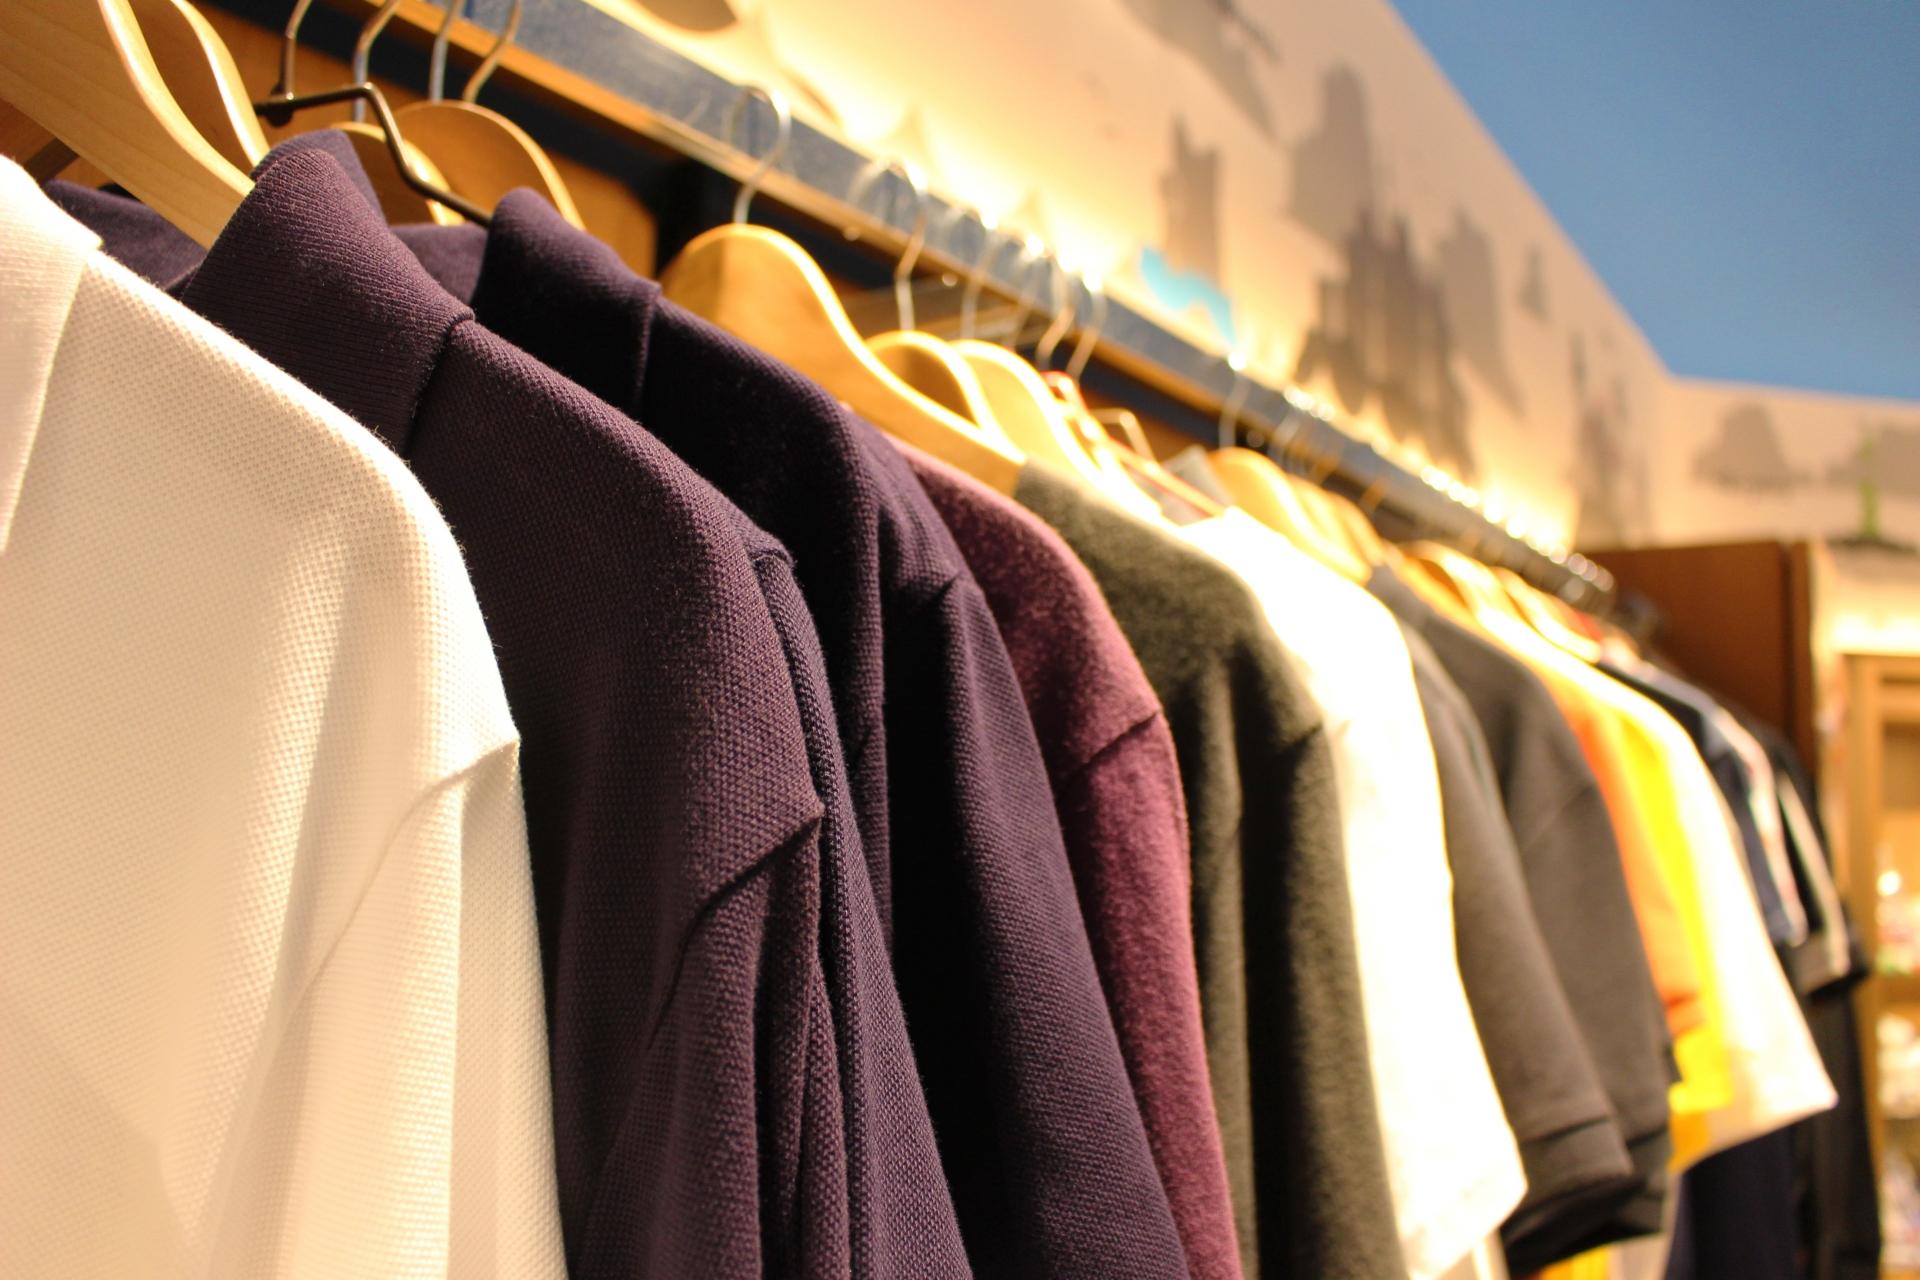 町田の古着屋人気店!安いおすすめ店や駅近スポットをまとめて紹介!